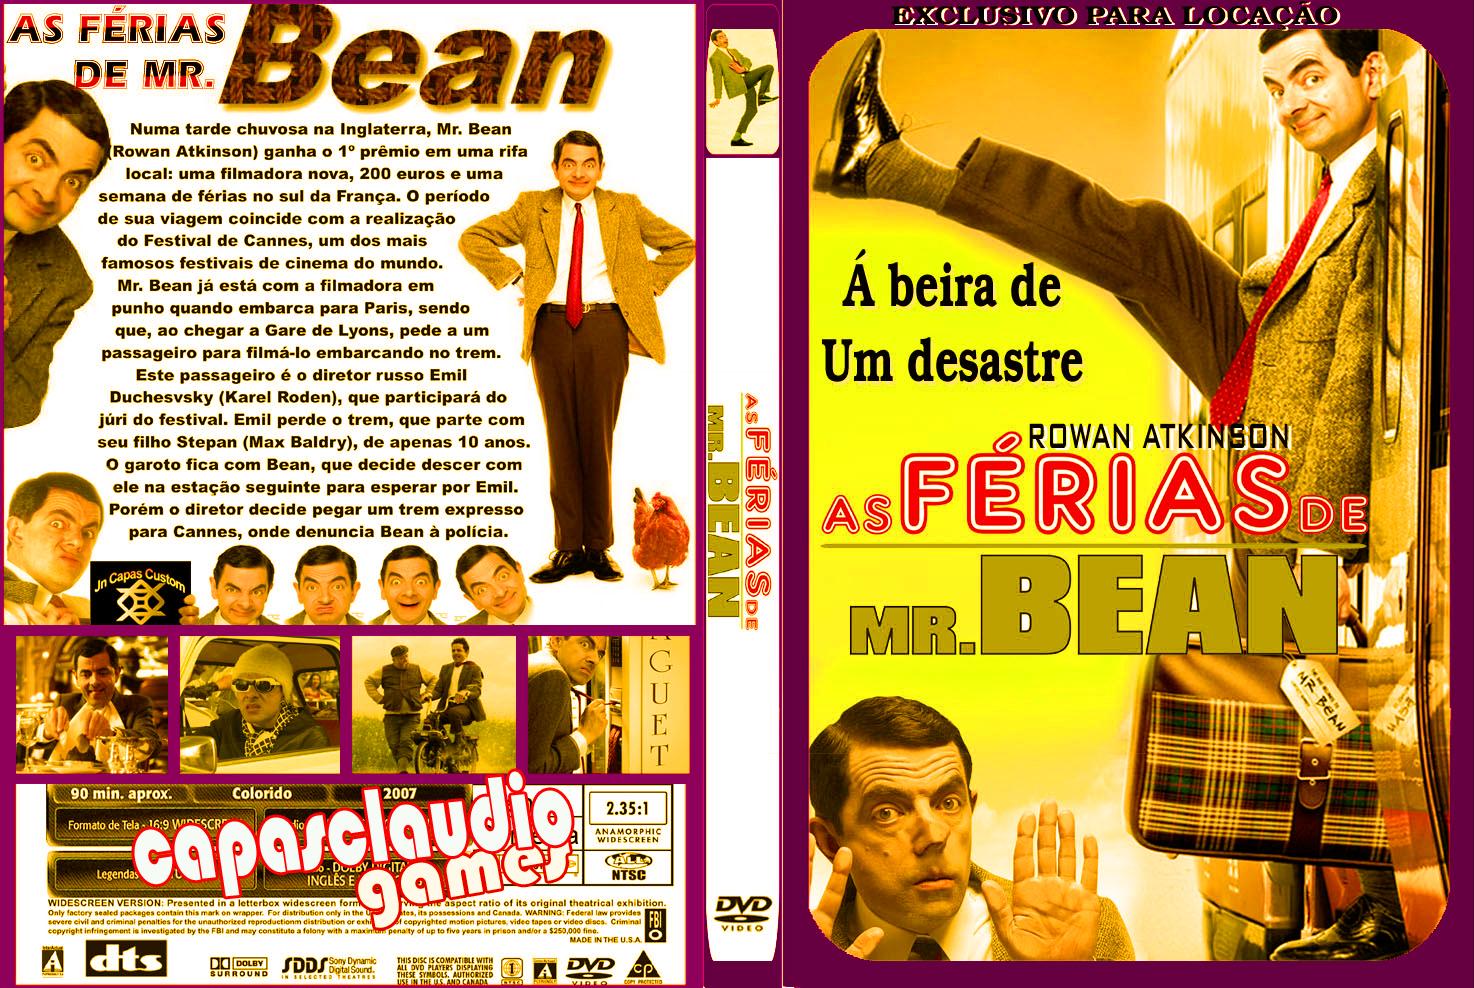 as ferias de mr.bean dublado rmvb